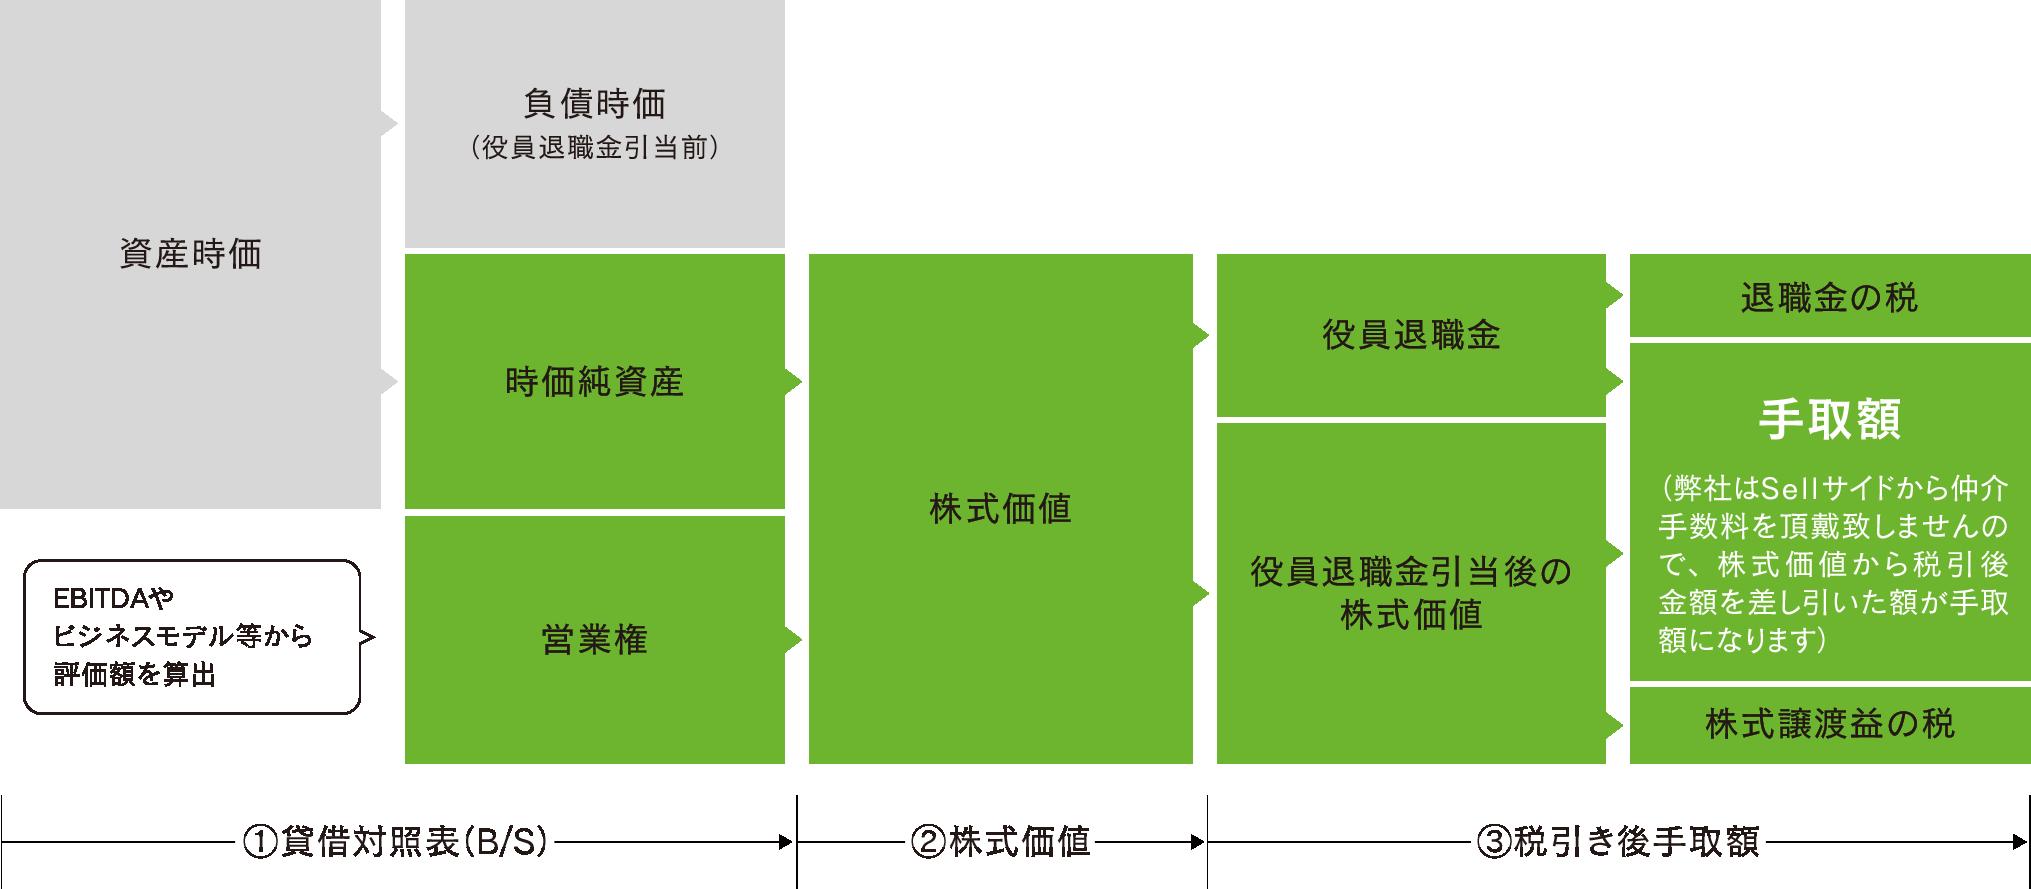 株式価値の算定イメージ